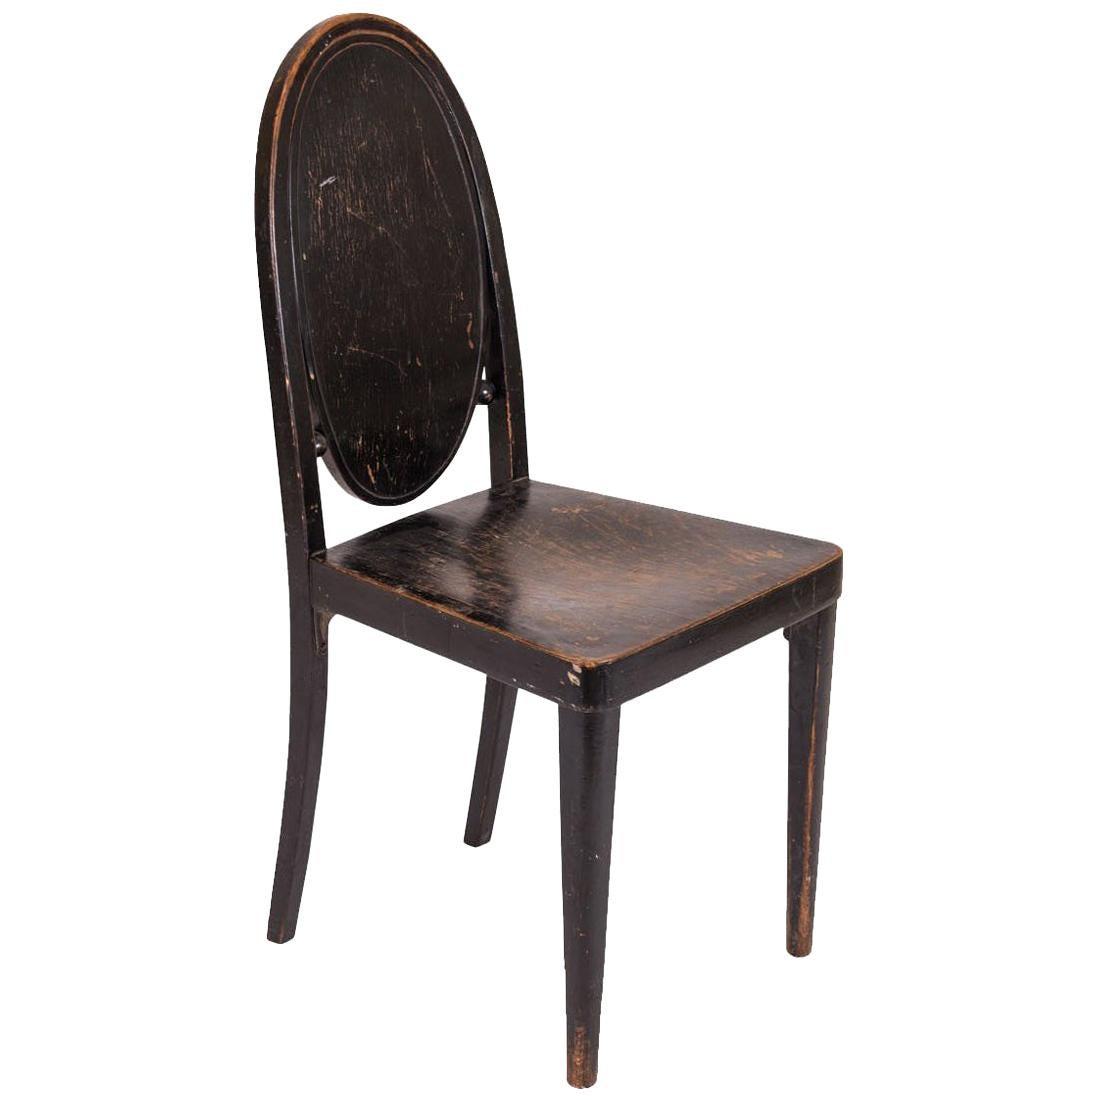 Original Otto Prutscher & Gebrueder Thonet Vienna Jugendstil Chair, 20th Century